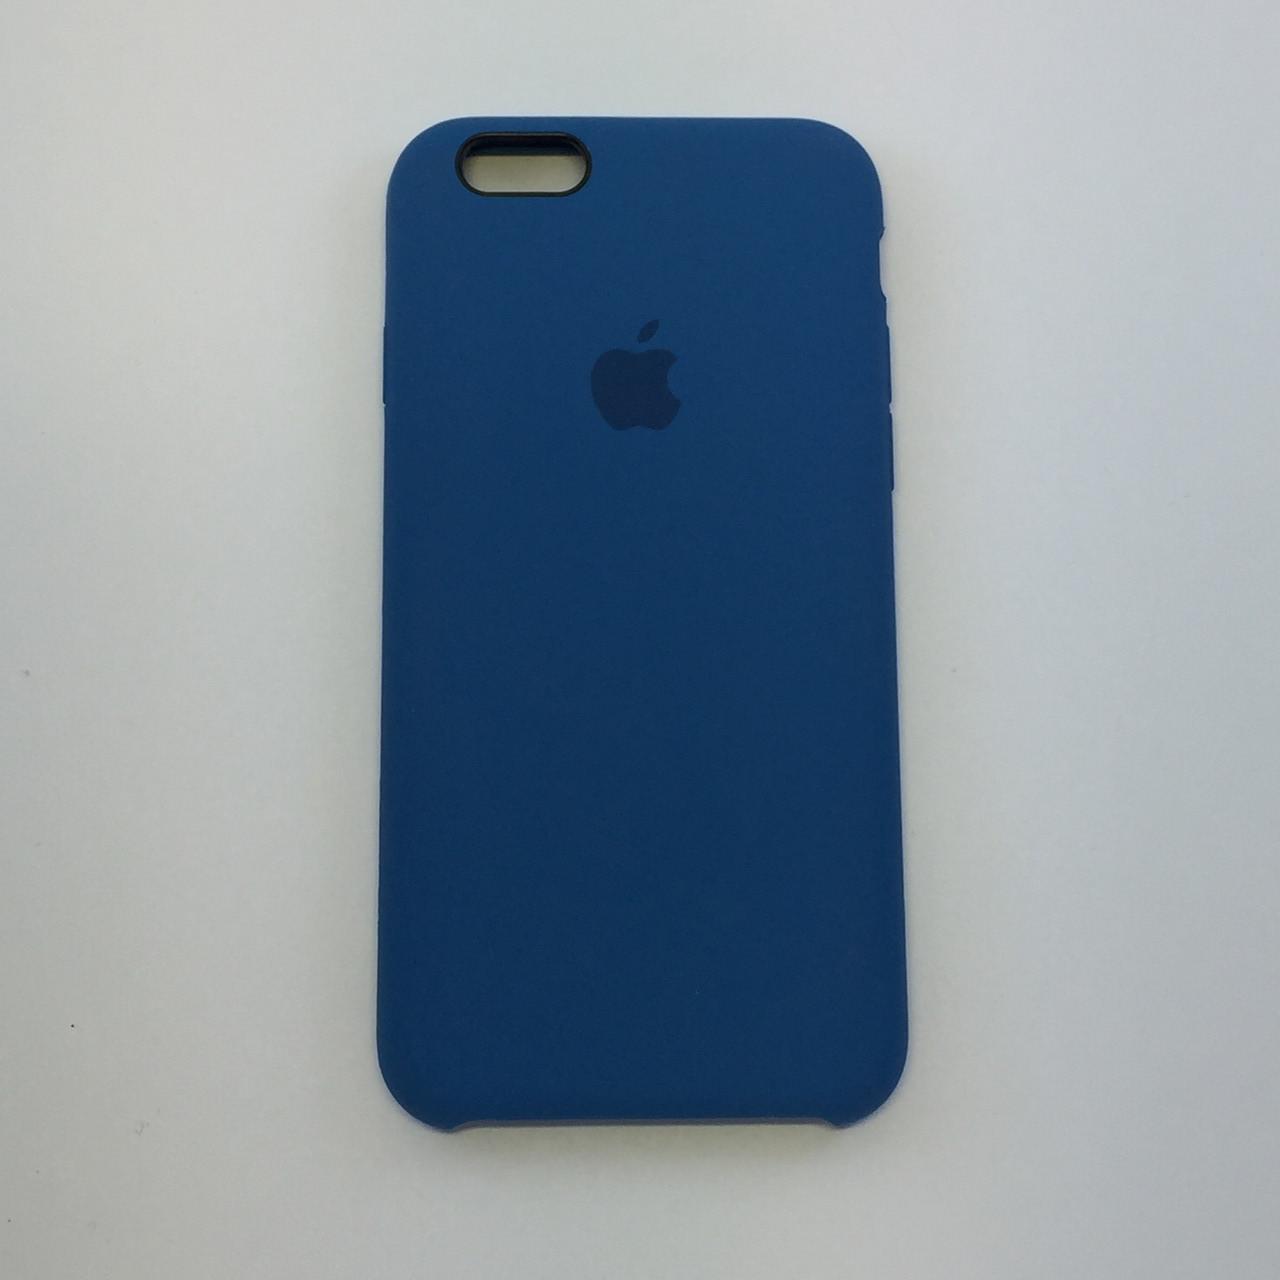 Силиконовый чехол для iPhone 5/5s/SE, - «темный кобальт» - copy original